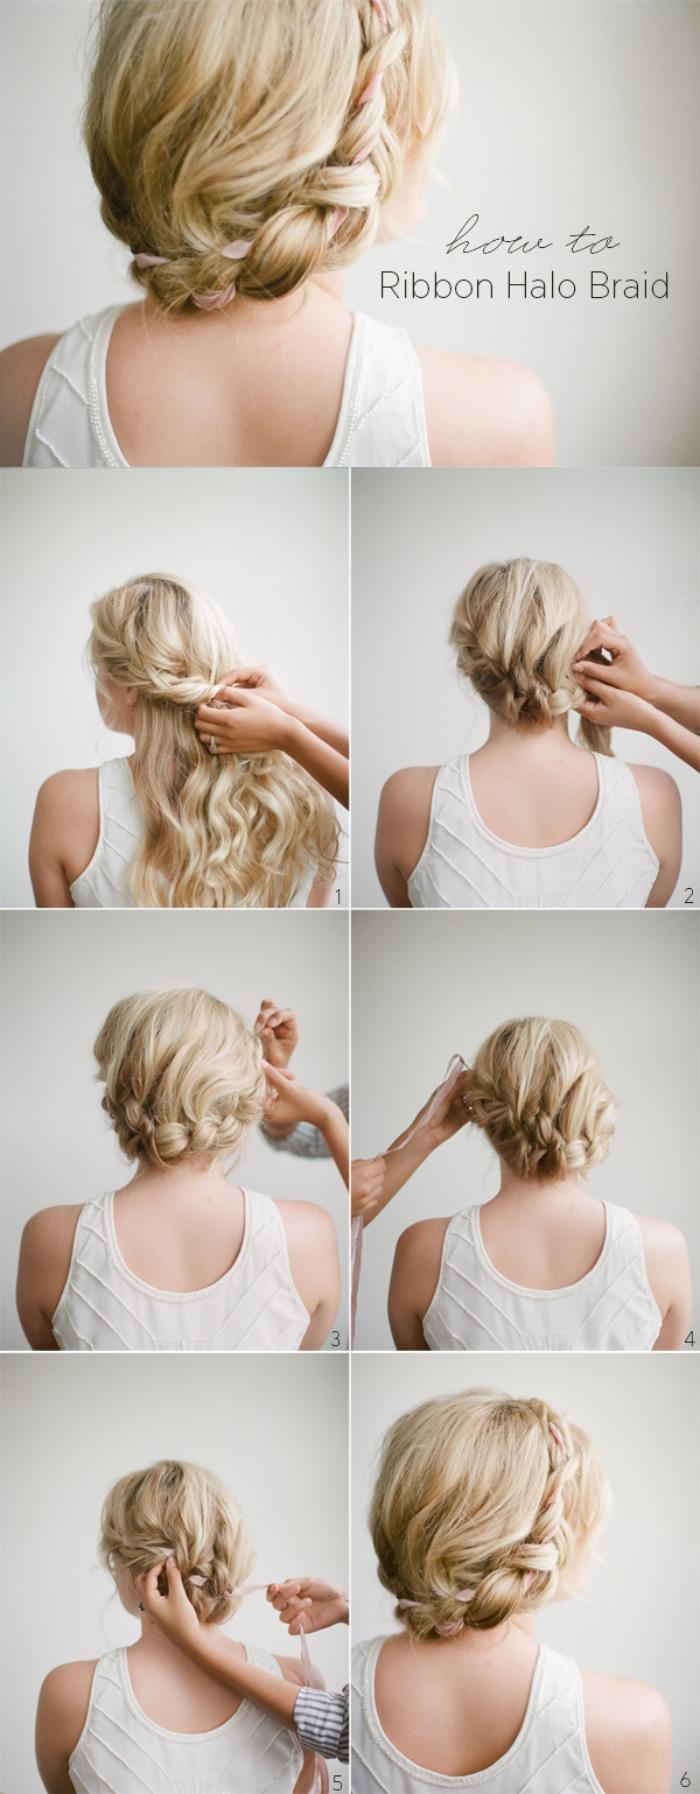 tutoriel facile et rapide pour faire un chignon avec tresse et ruban rose, idée de coiffure romantique pour mariage ou une autre occasion spéciale